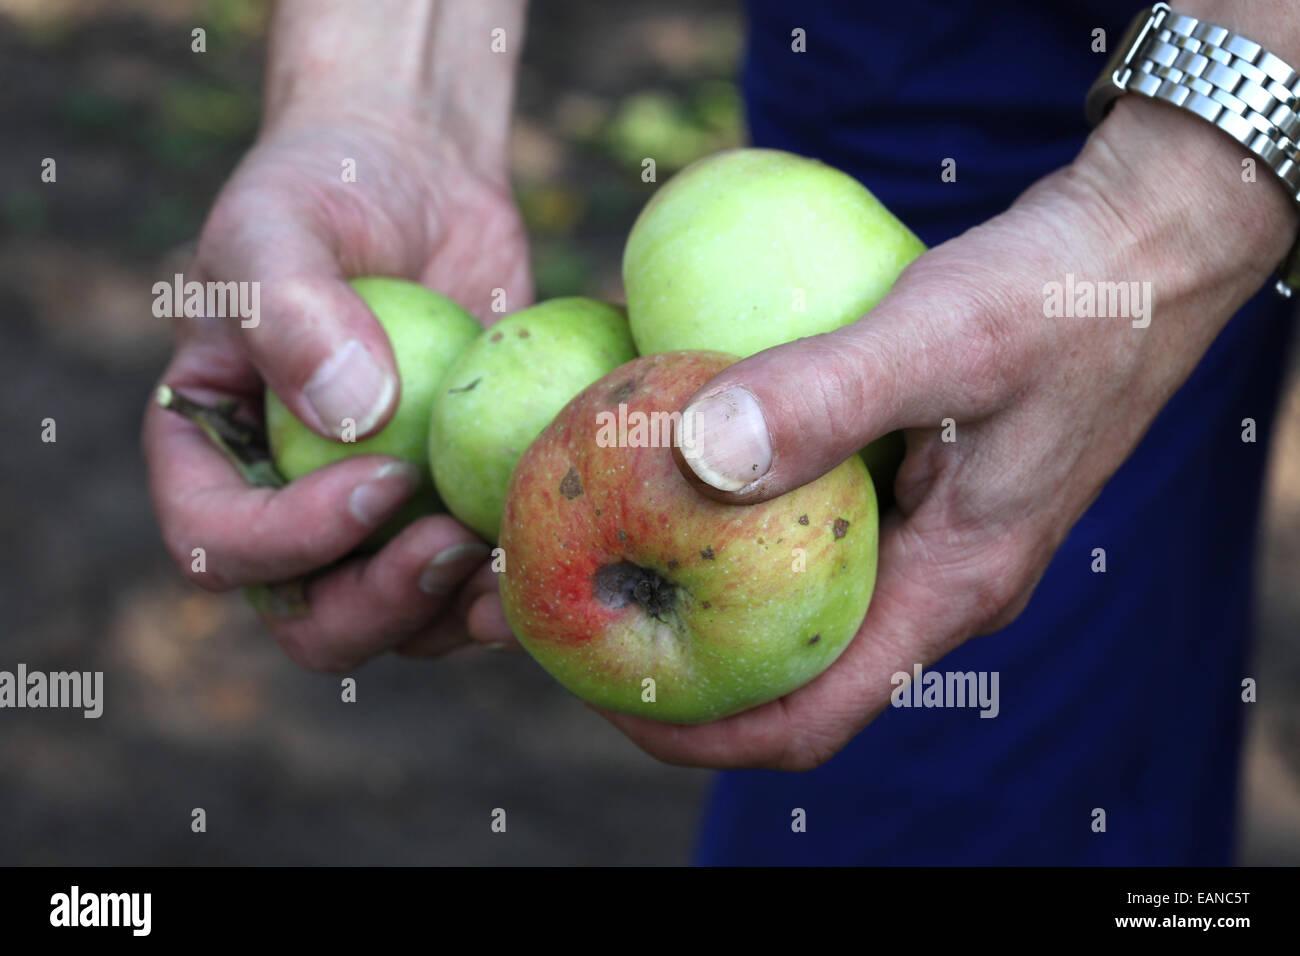 Close-up de manos cosechando manzanas en un proyecto de horticultura urbana Imagen De Stock